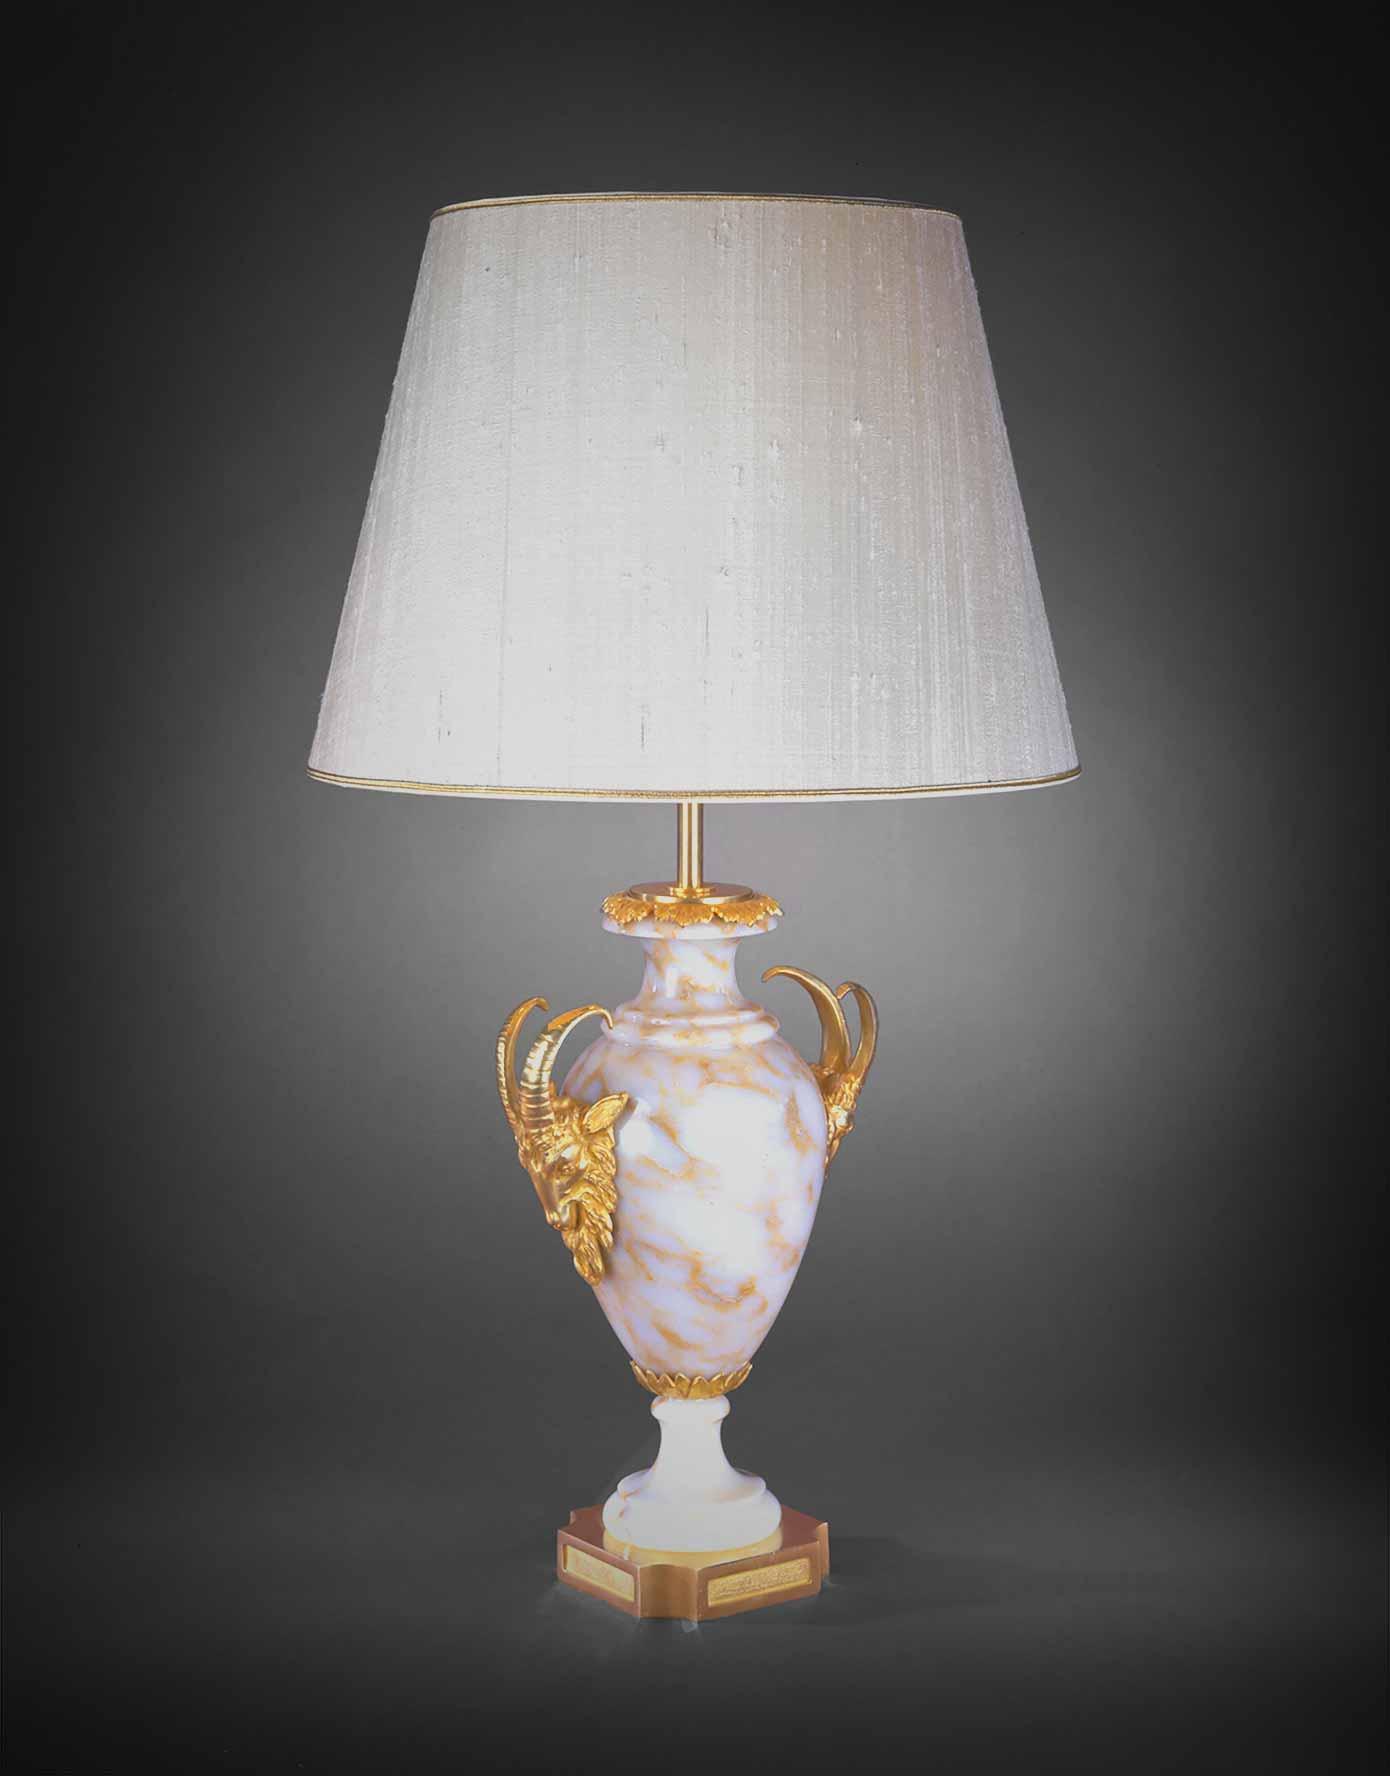 Lampes & lampadaires - 13251